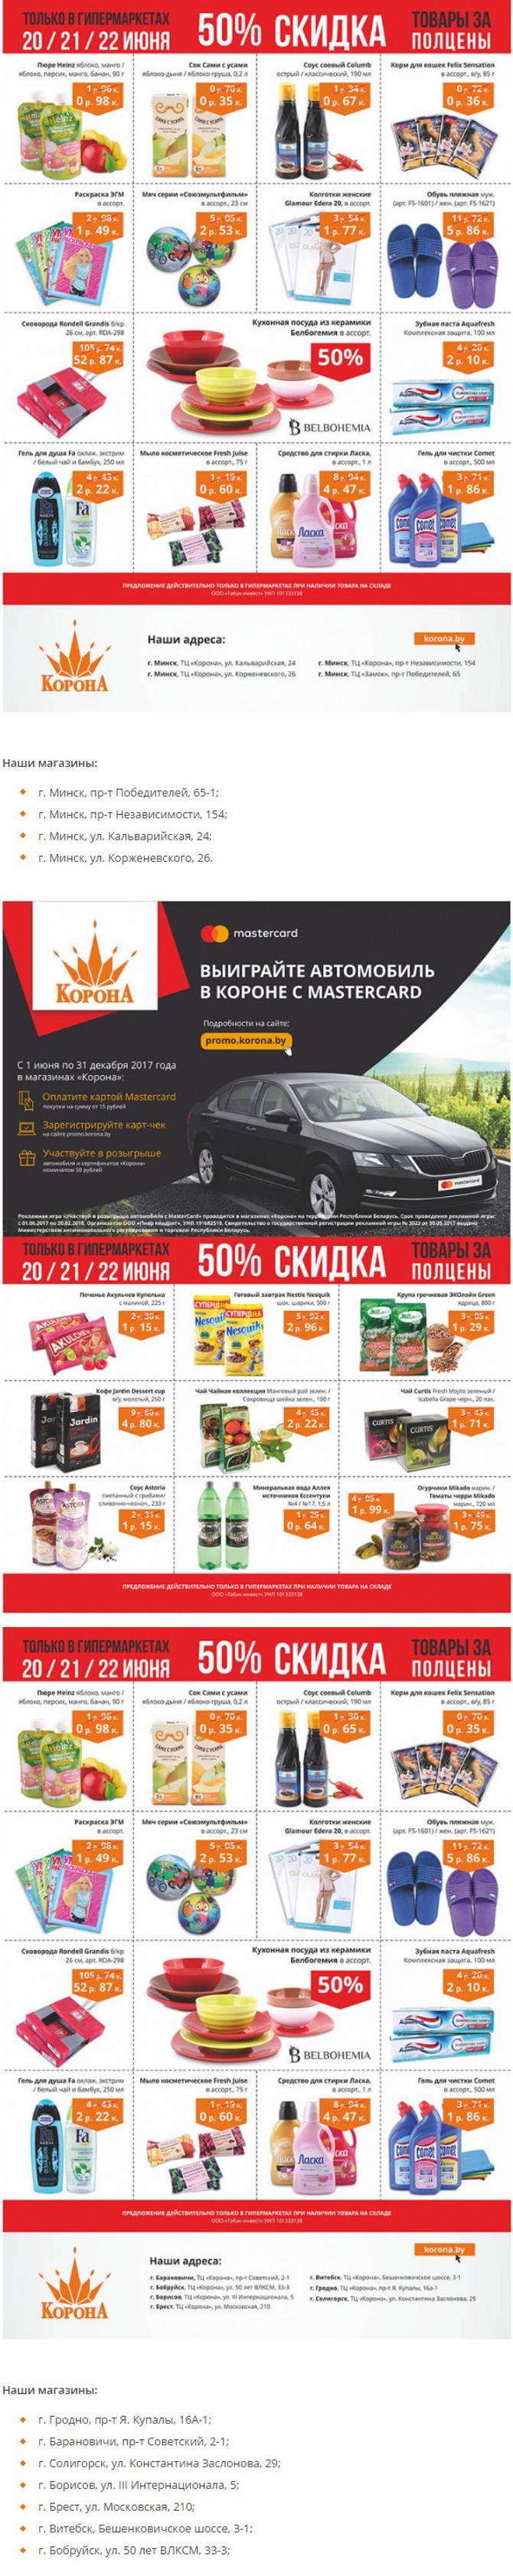 Товары за полцены в магазине КОРОНА. Только 20,21, 22 июня скидка 50% на  товары в магазине Корона. 28e0adfb31e